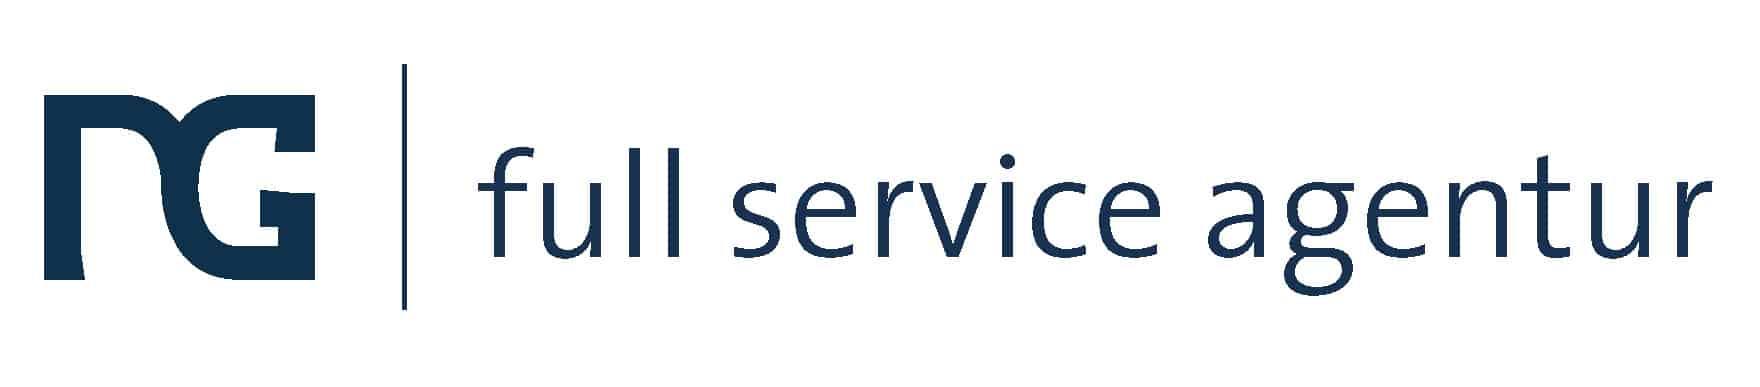 Matthias Gmeiner - Full Service Agentur - Branddesign, Werbekonzept, Grafikdesign & Screendesign, Webdesign & Webentwicklung, Weiterbildung & Coaching